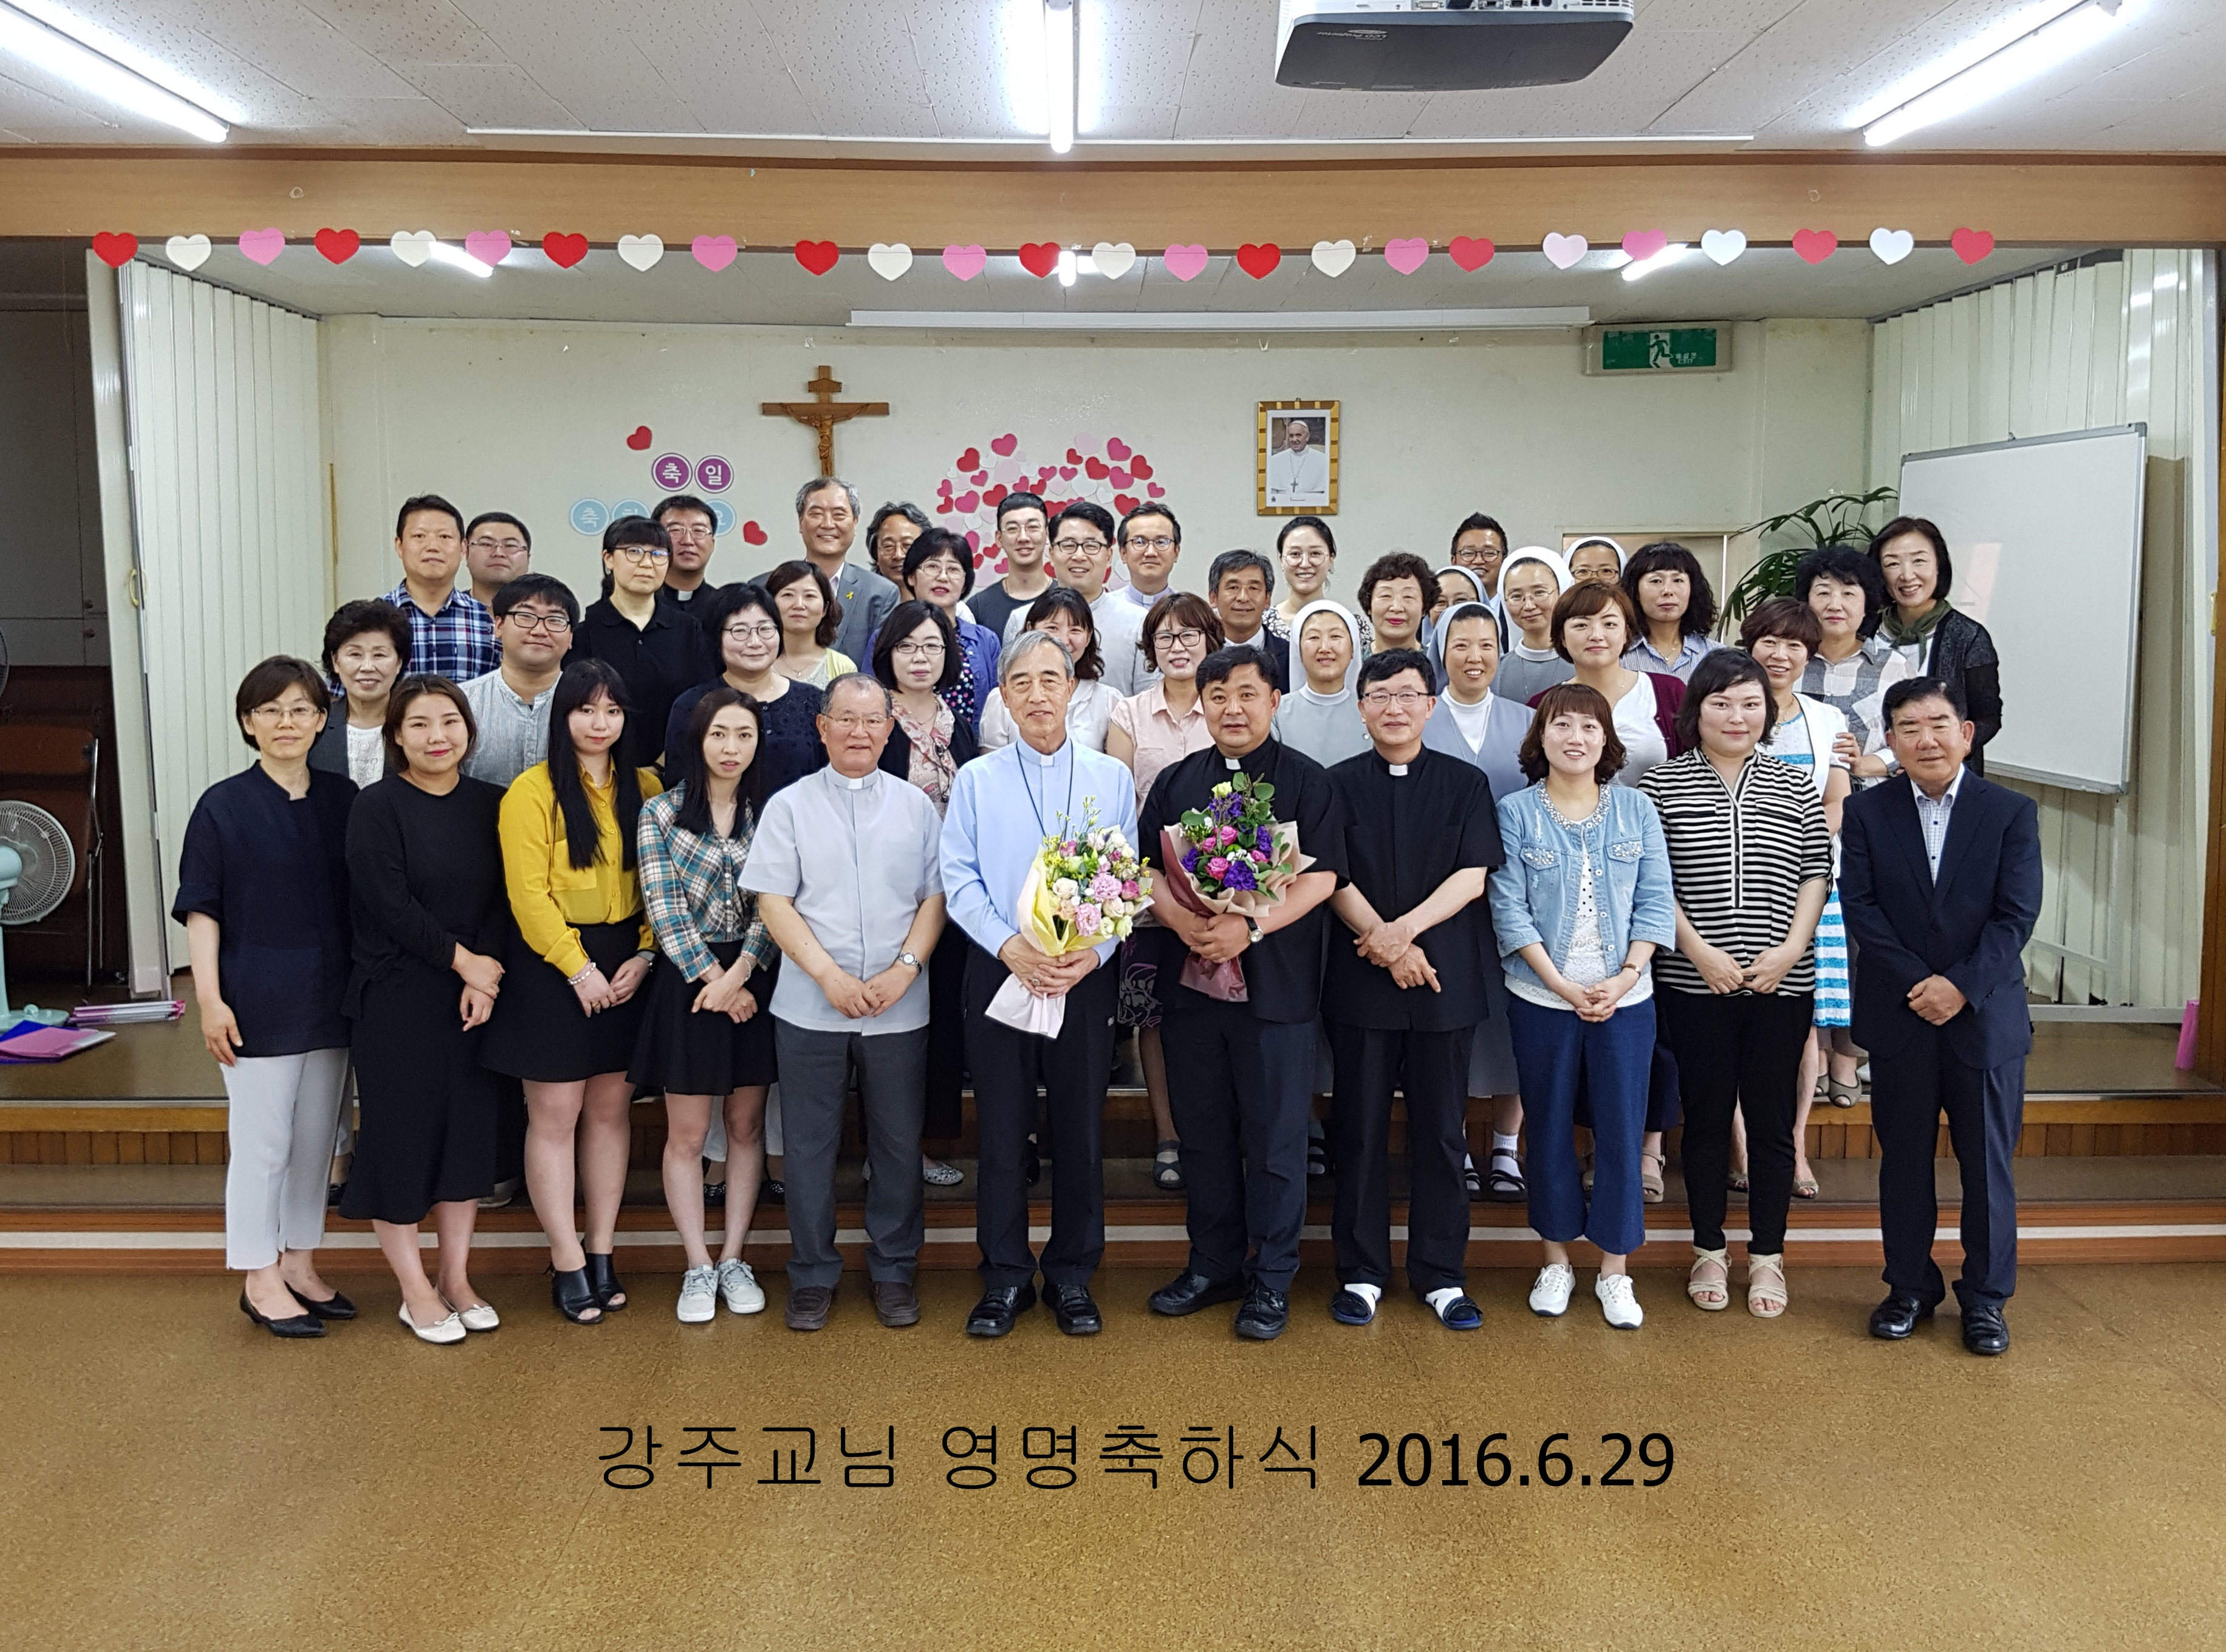 강주교님영명축하식(2)20160629.jpg